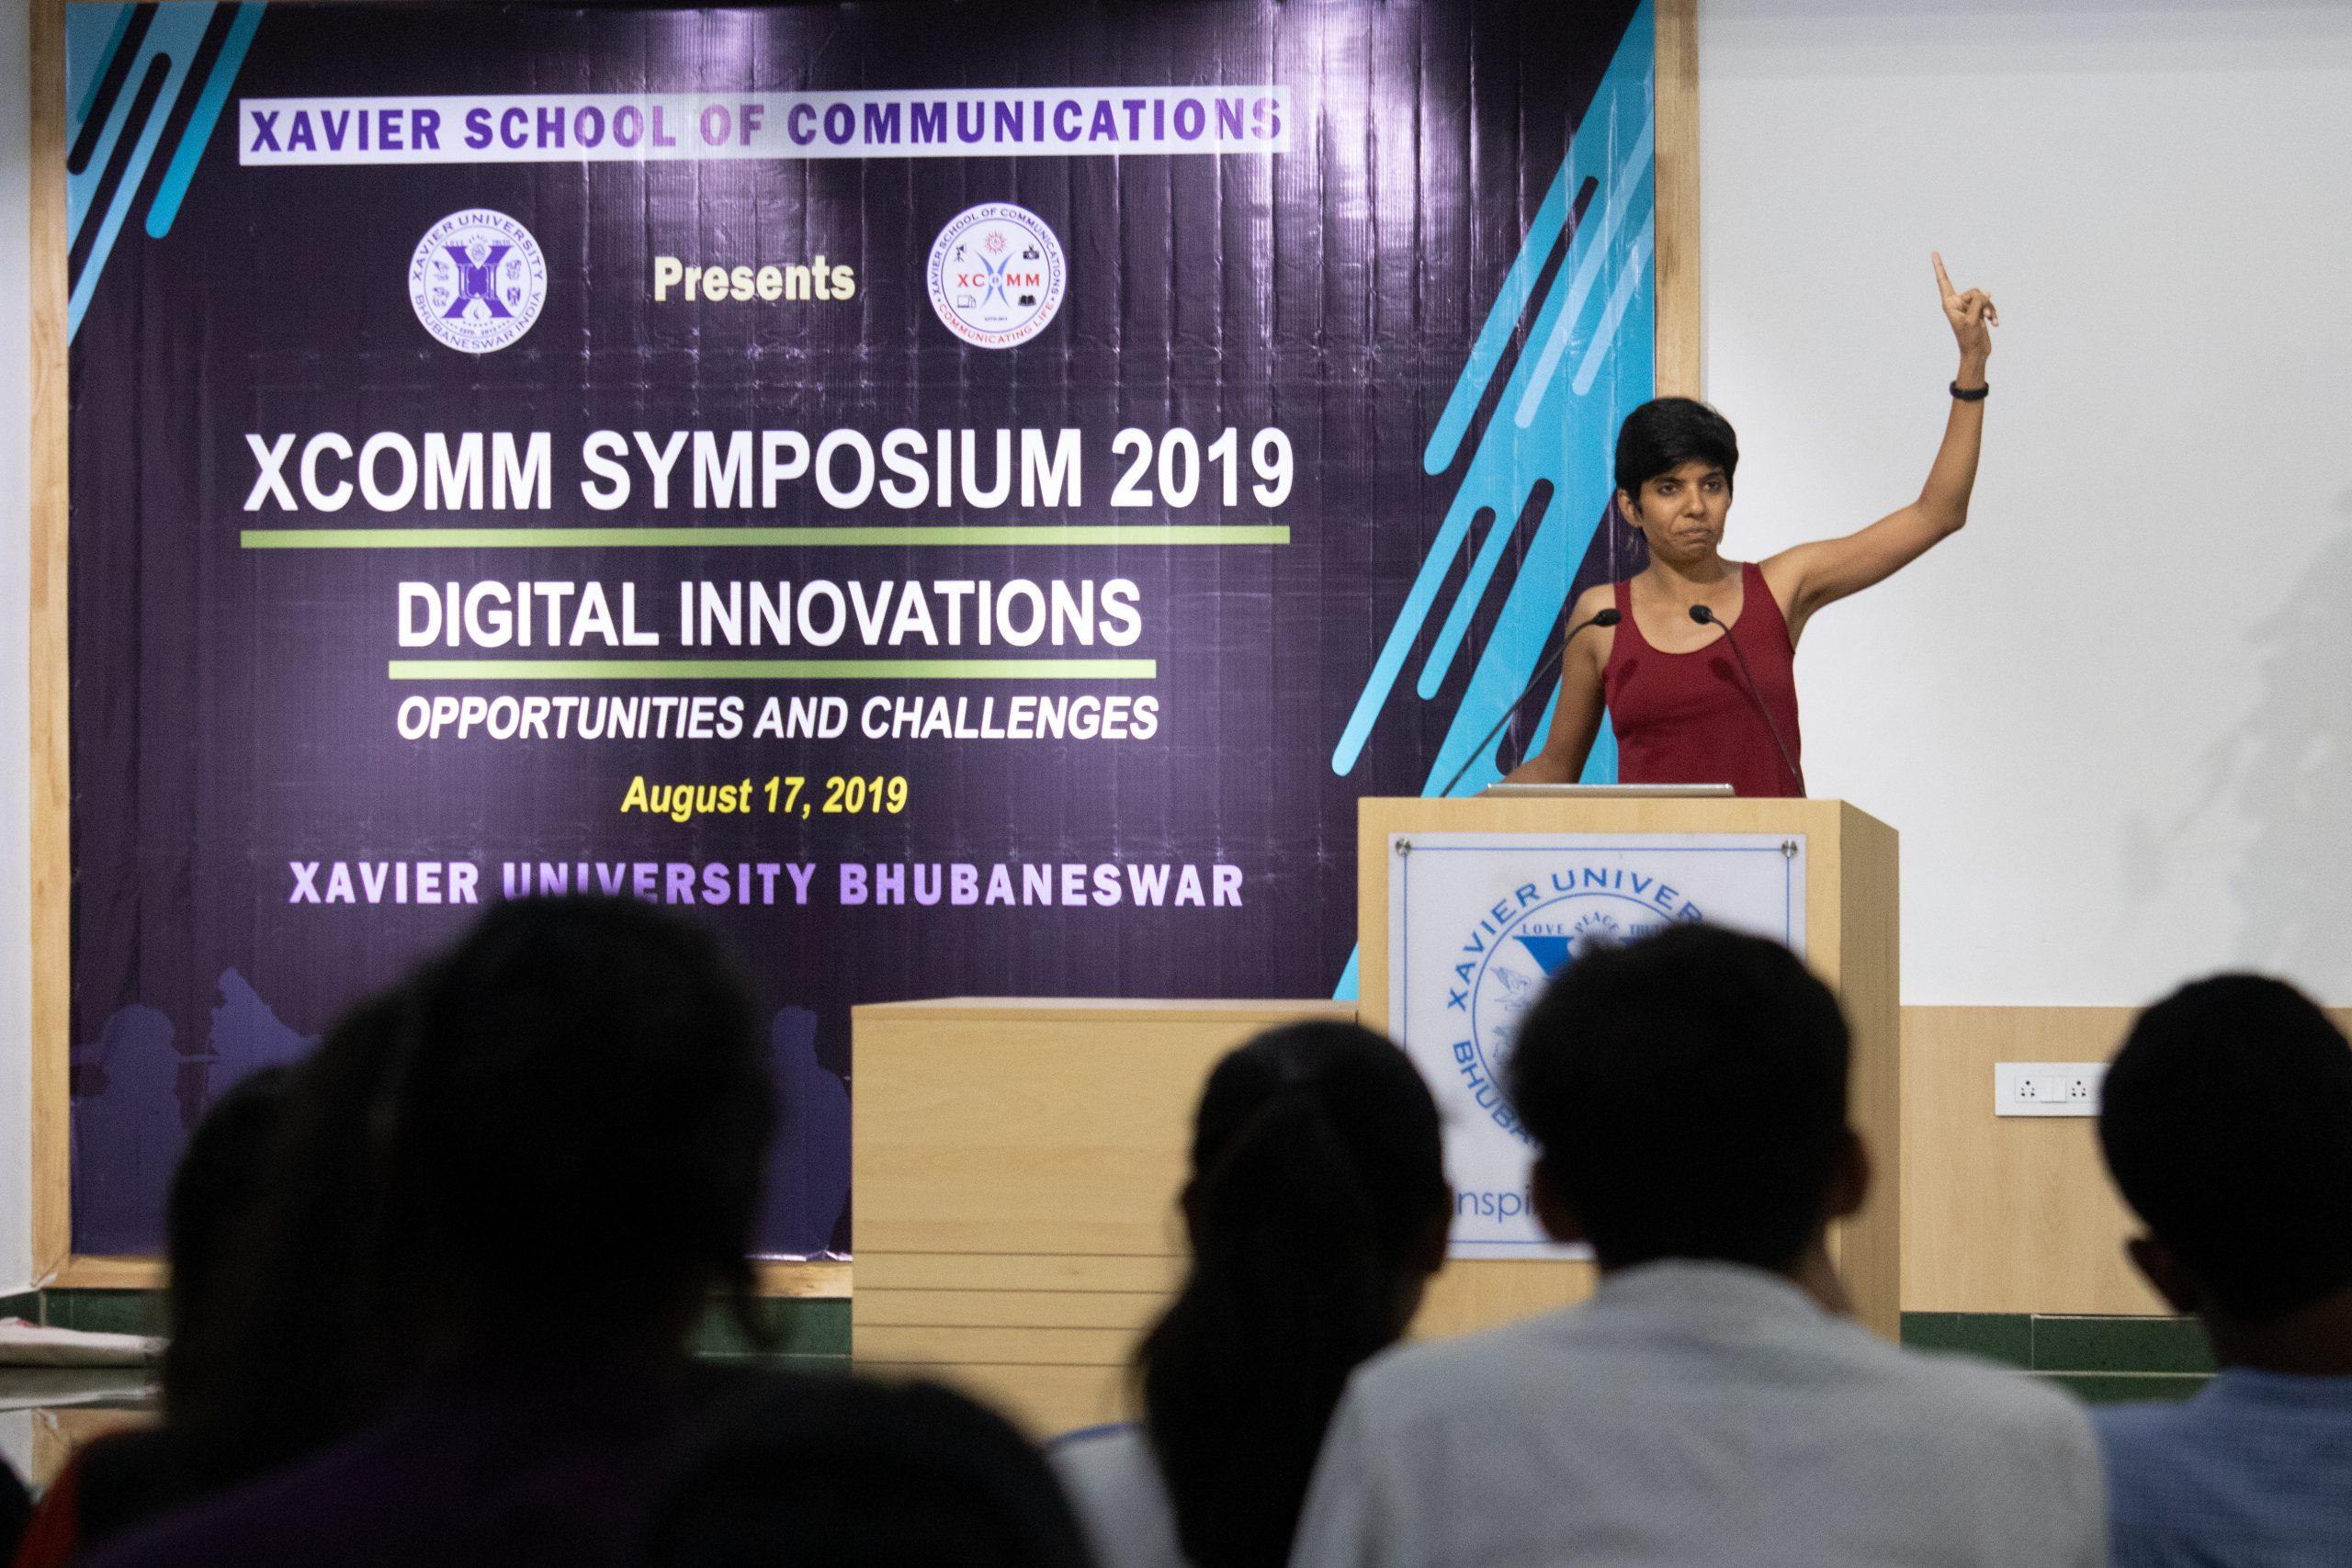 symposium 2019 October 1